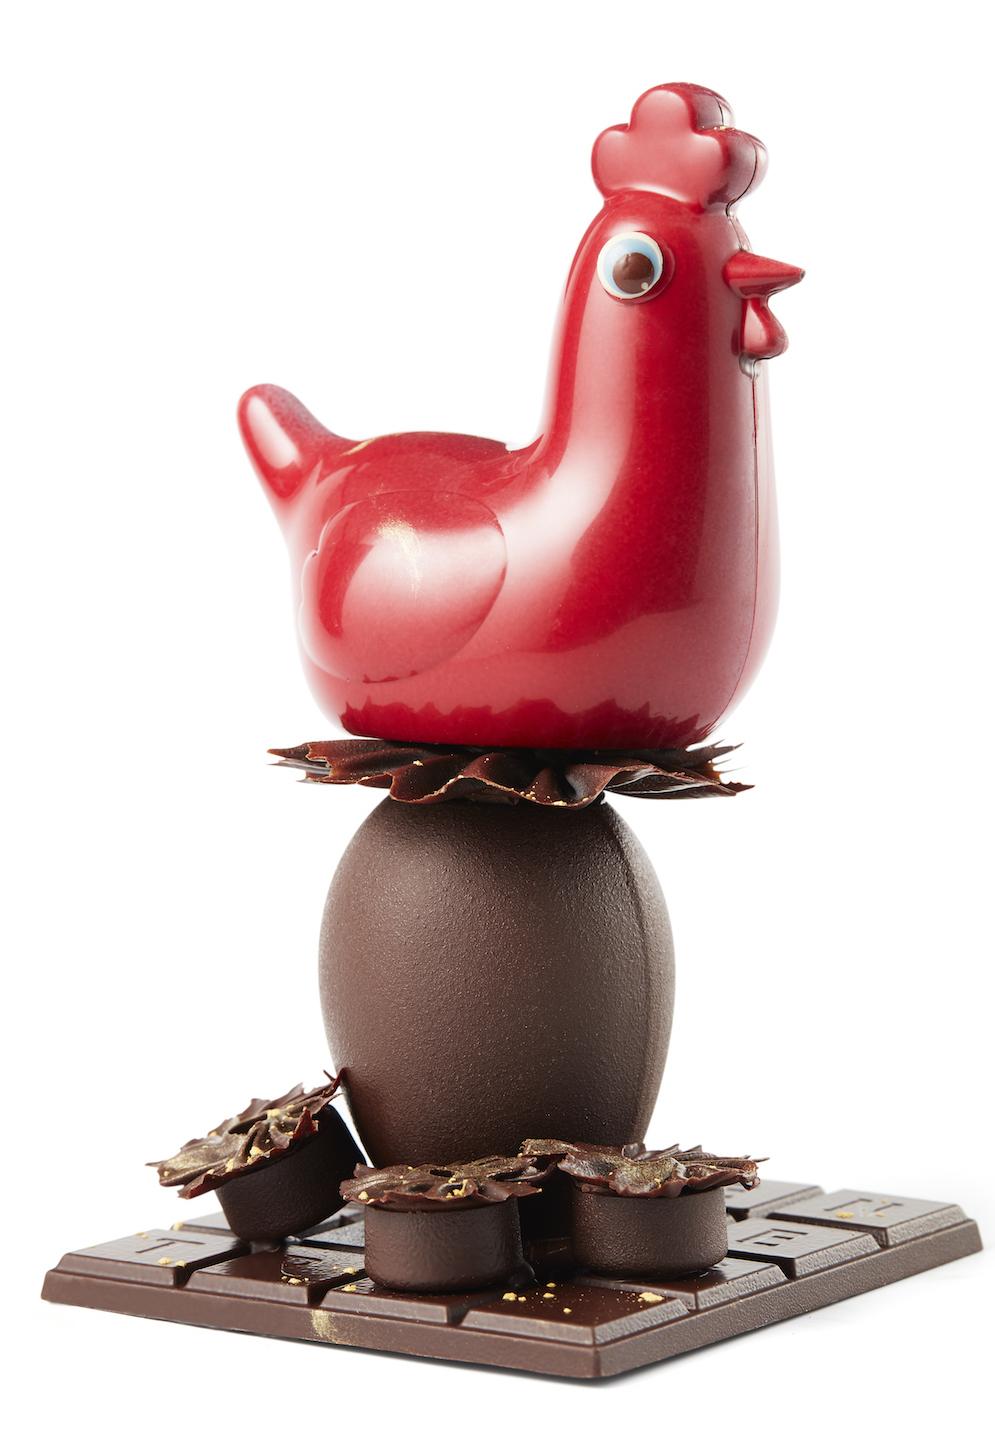 LENOTRE-Suzette_la_poulette_c-TDhellemmes